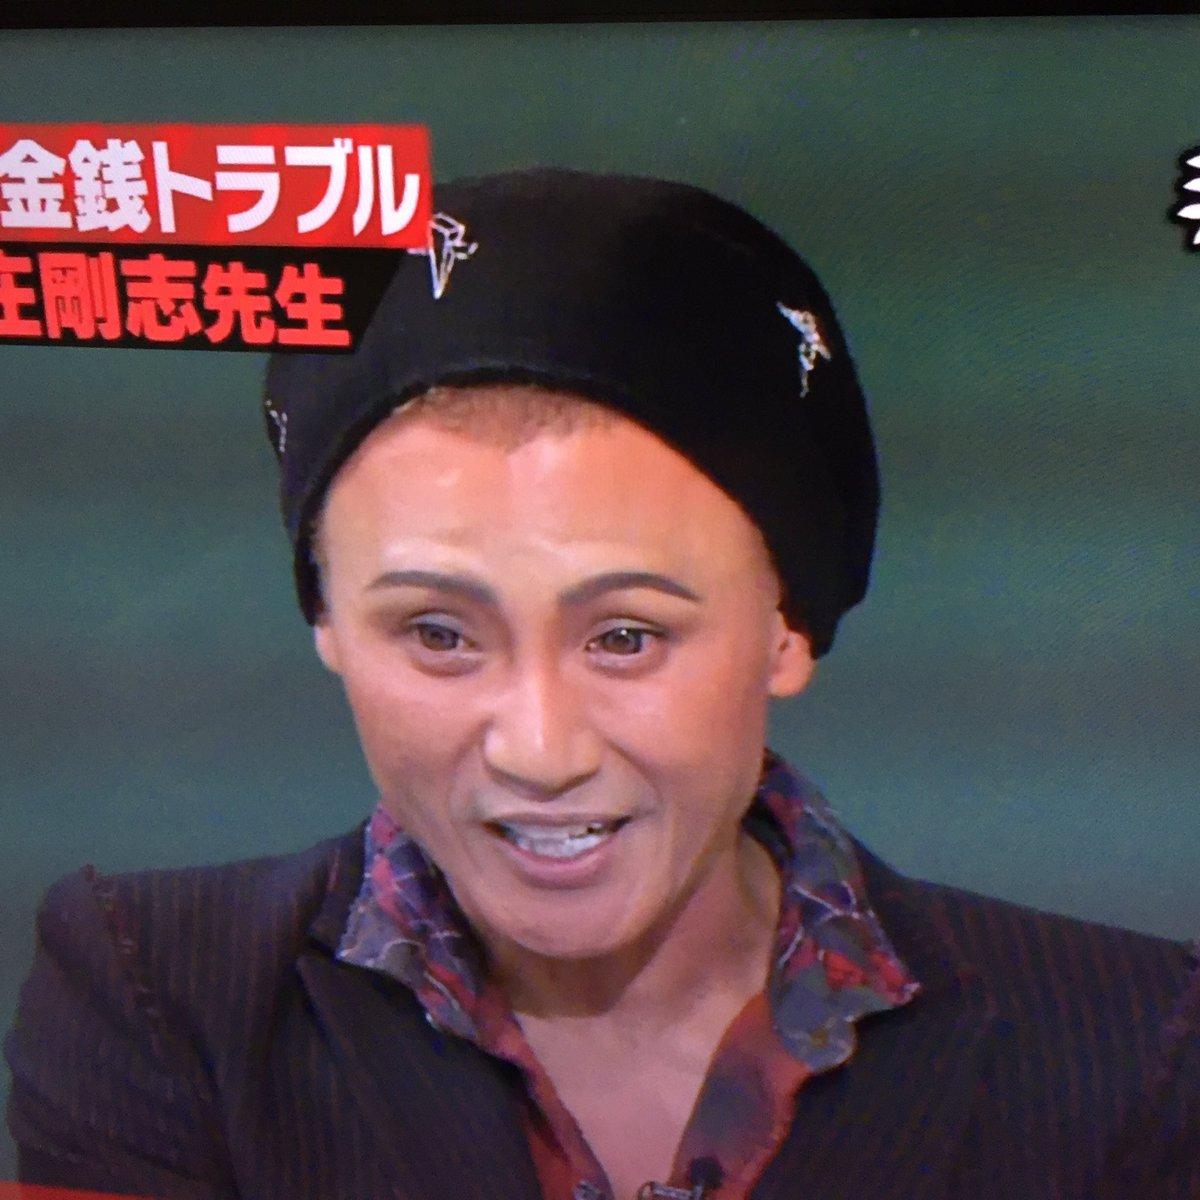 テレビ番組『しくじり先生 俺みたいになるな!!3時間スペシャル』